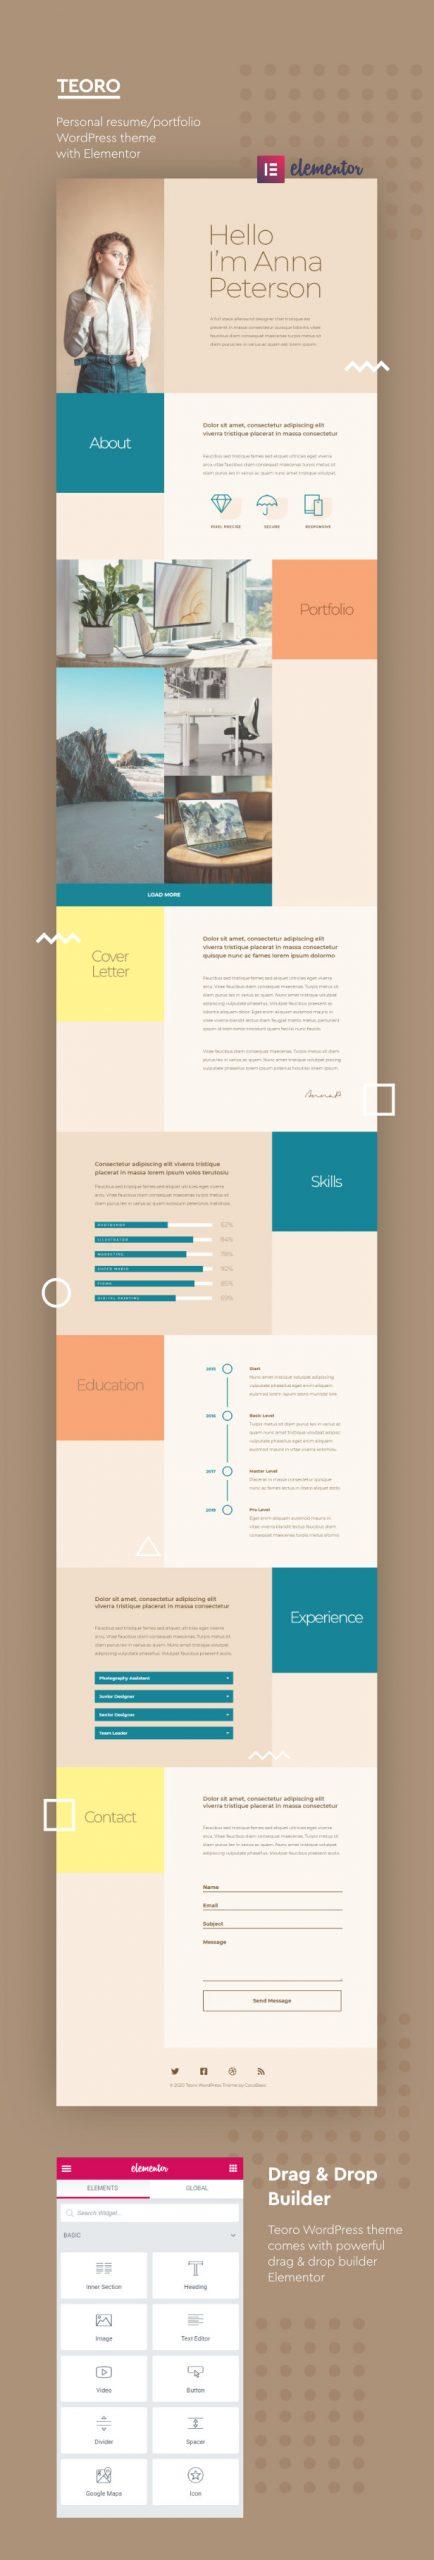 A Teoro elegáns, dobozos és színes egyoldalas önéletrajz WordPress sablon a személyes portfólió weboldaladhoz tökéletes lesz